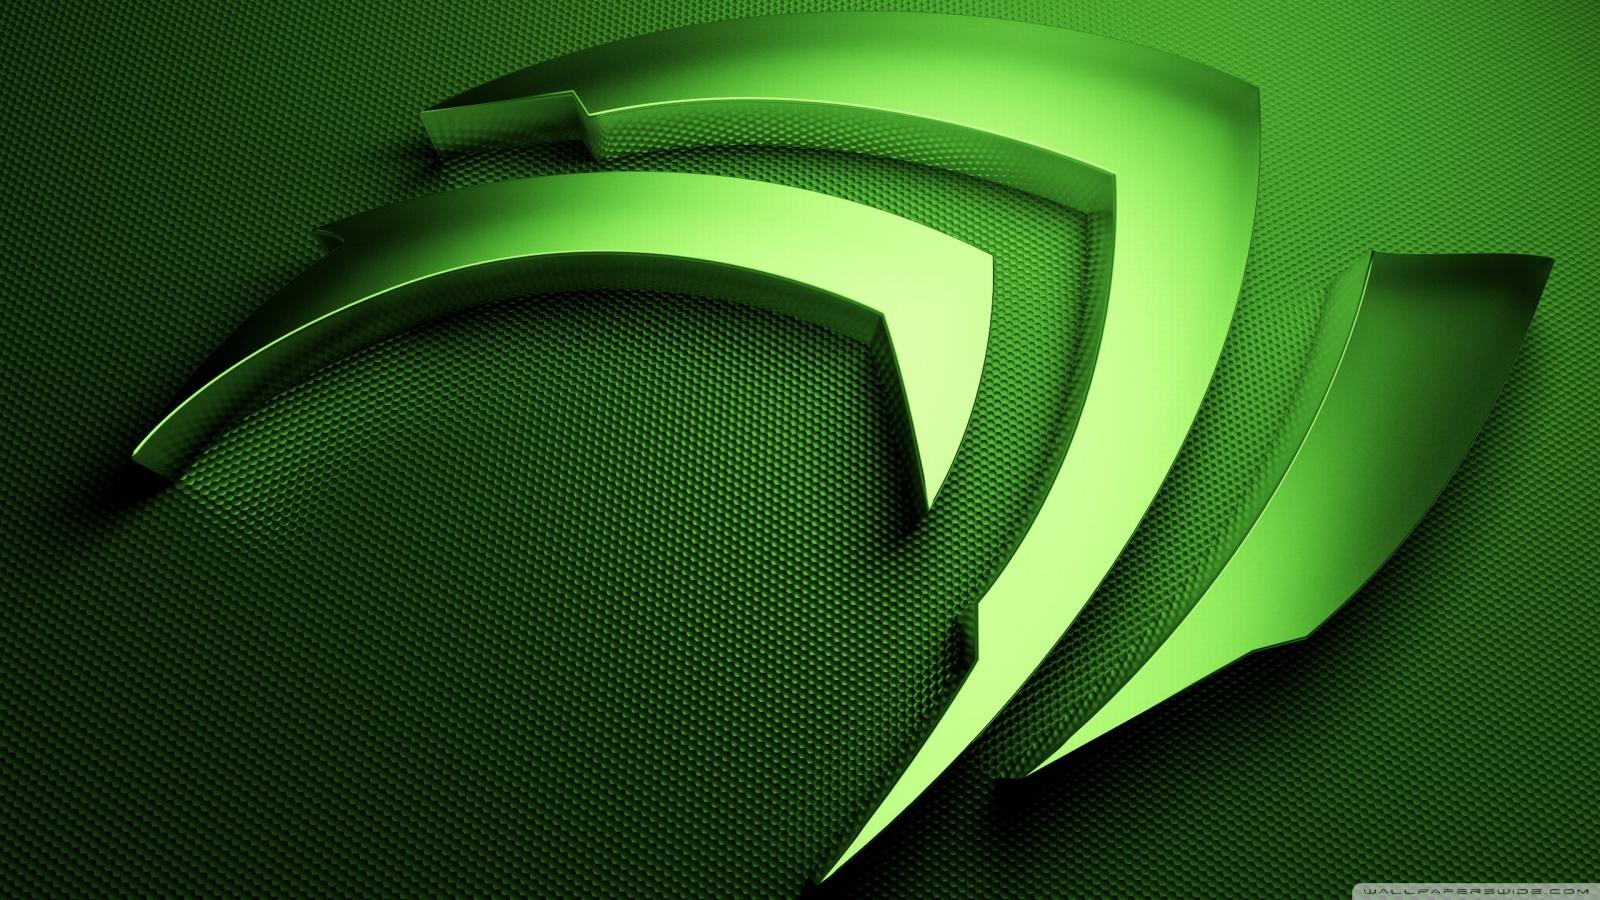 NVidia Green HD Desktop Wallpaper Widescreen High Definition Src